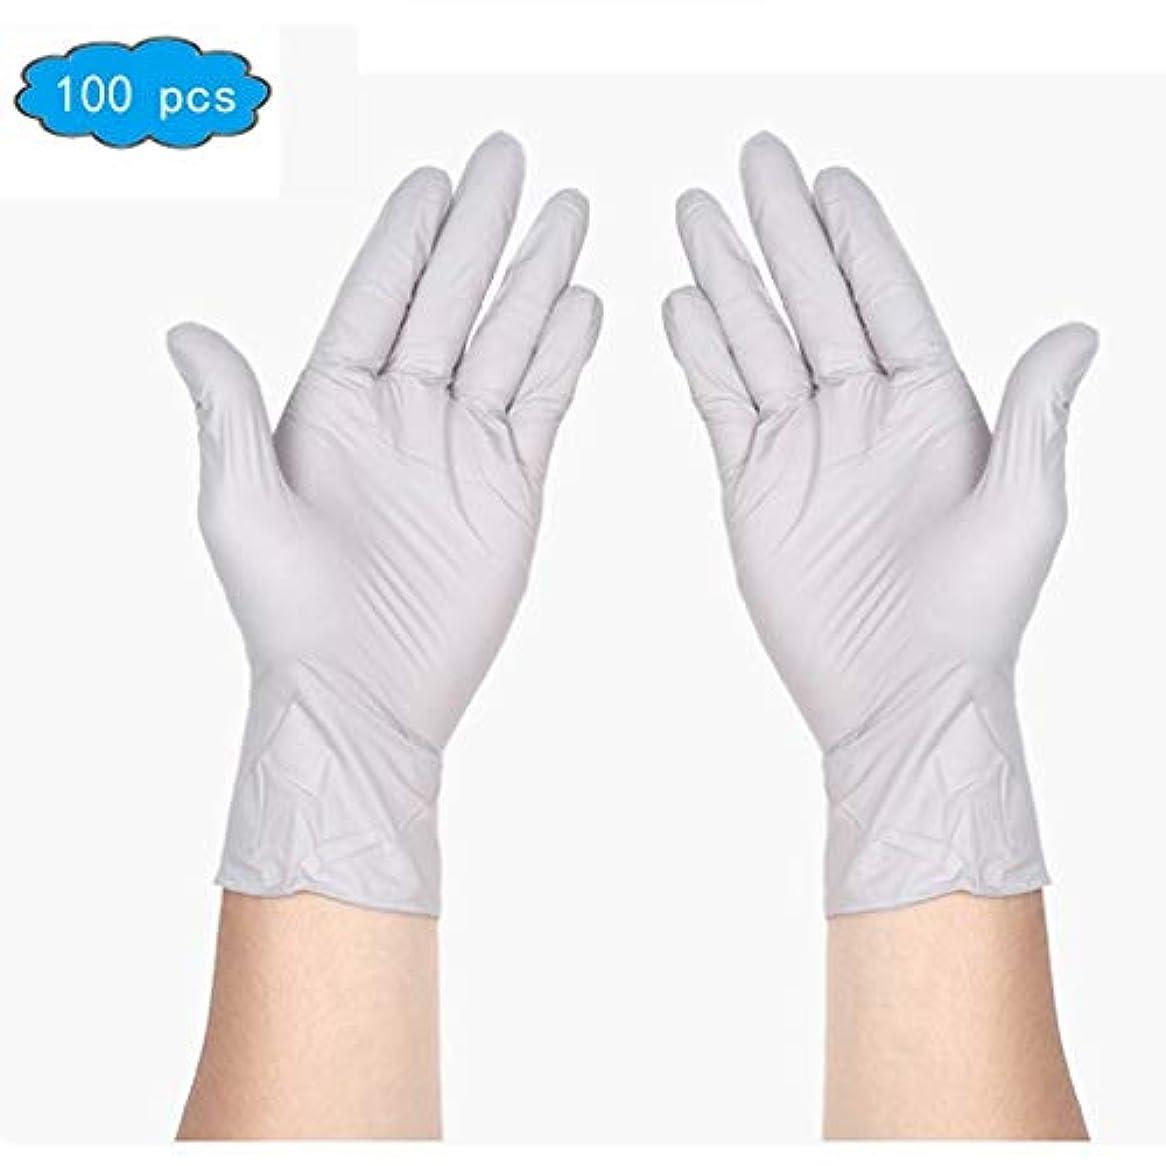 迷路三十ペフニトリル試験用手袋 - 医療用グレード、パウダーフリー、ラテックスラバーフリー、使い捨て、非滅菌、食品安全、テクスチャード加工、白色、2.5ミル、便利なディスペンサー、100個入り、サニタリーグローブ (Color :...